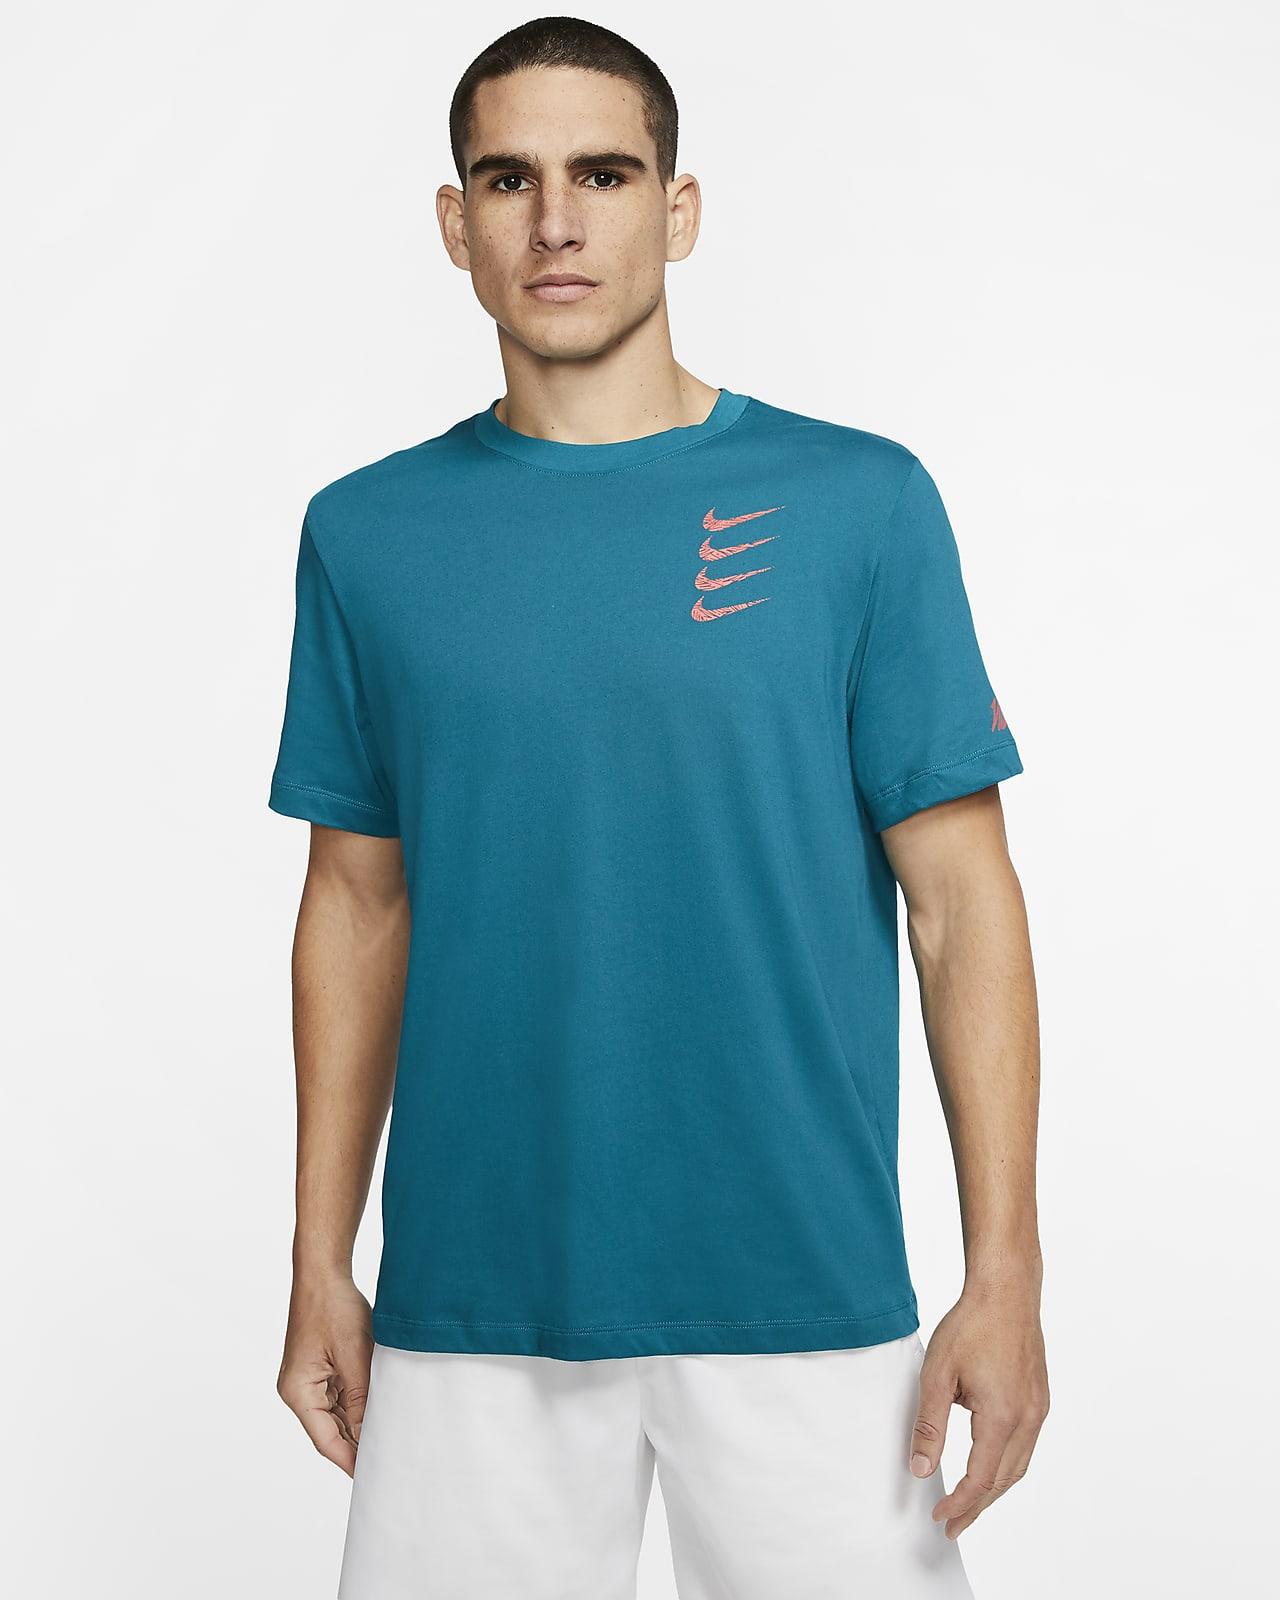 T-shirt da training con grafica Nike Dri-FIT - Uomo